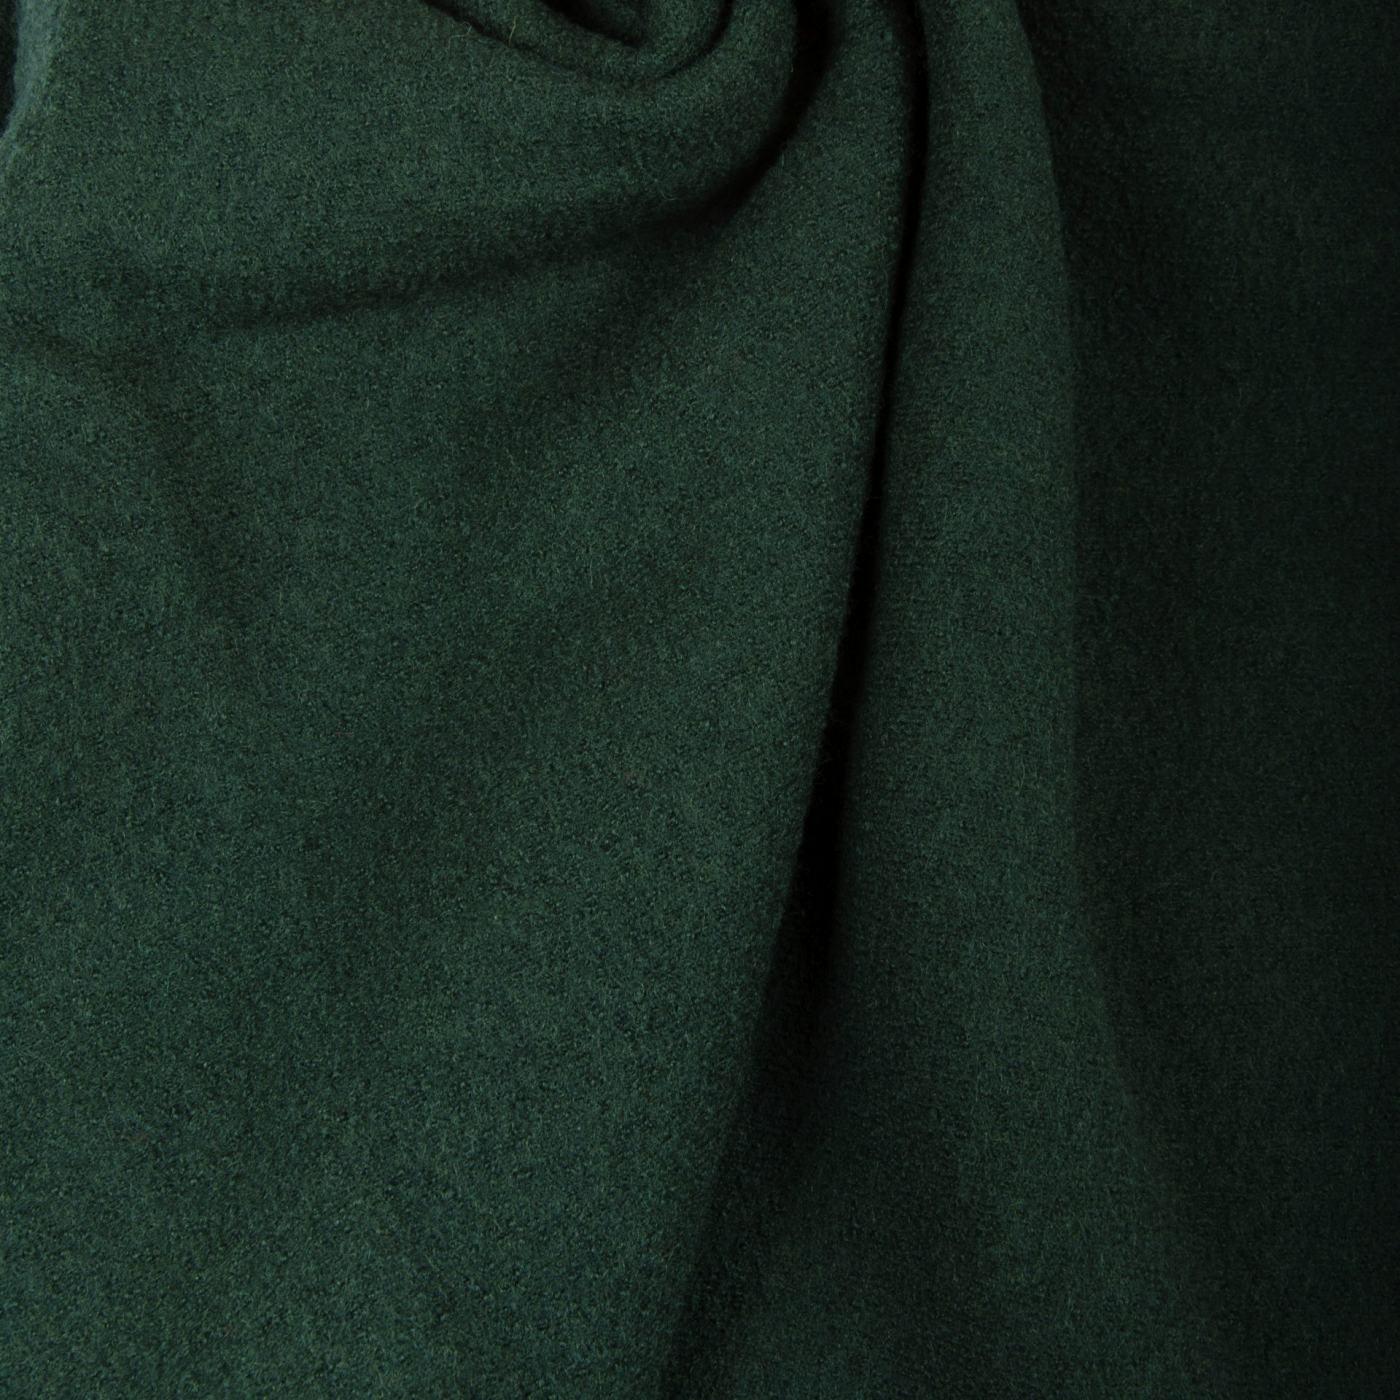 waldgrün – 126